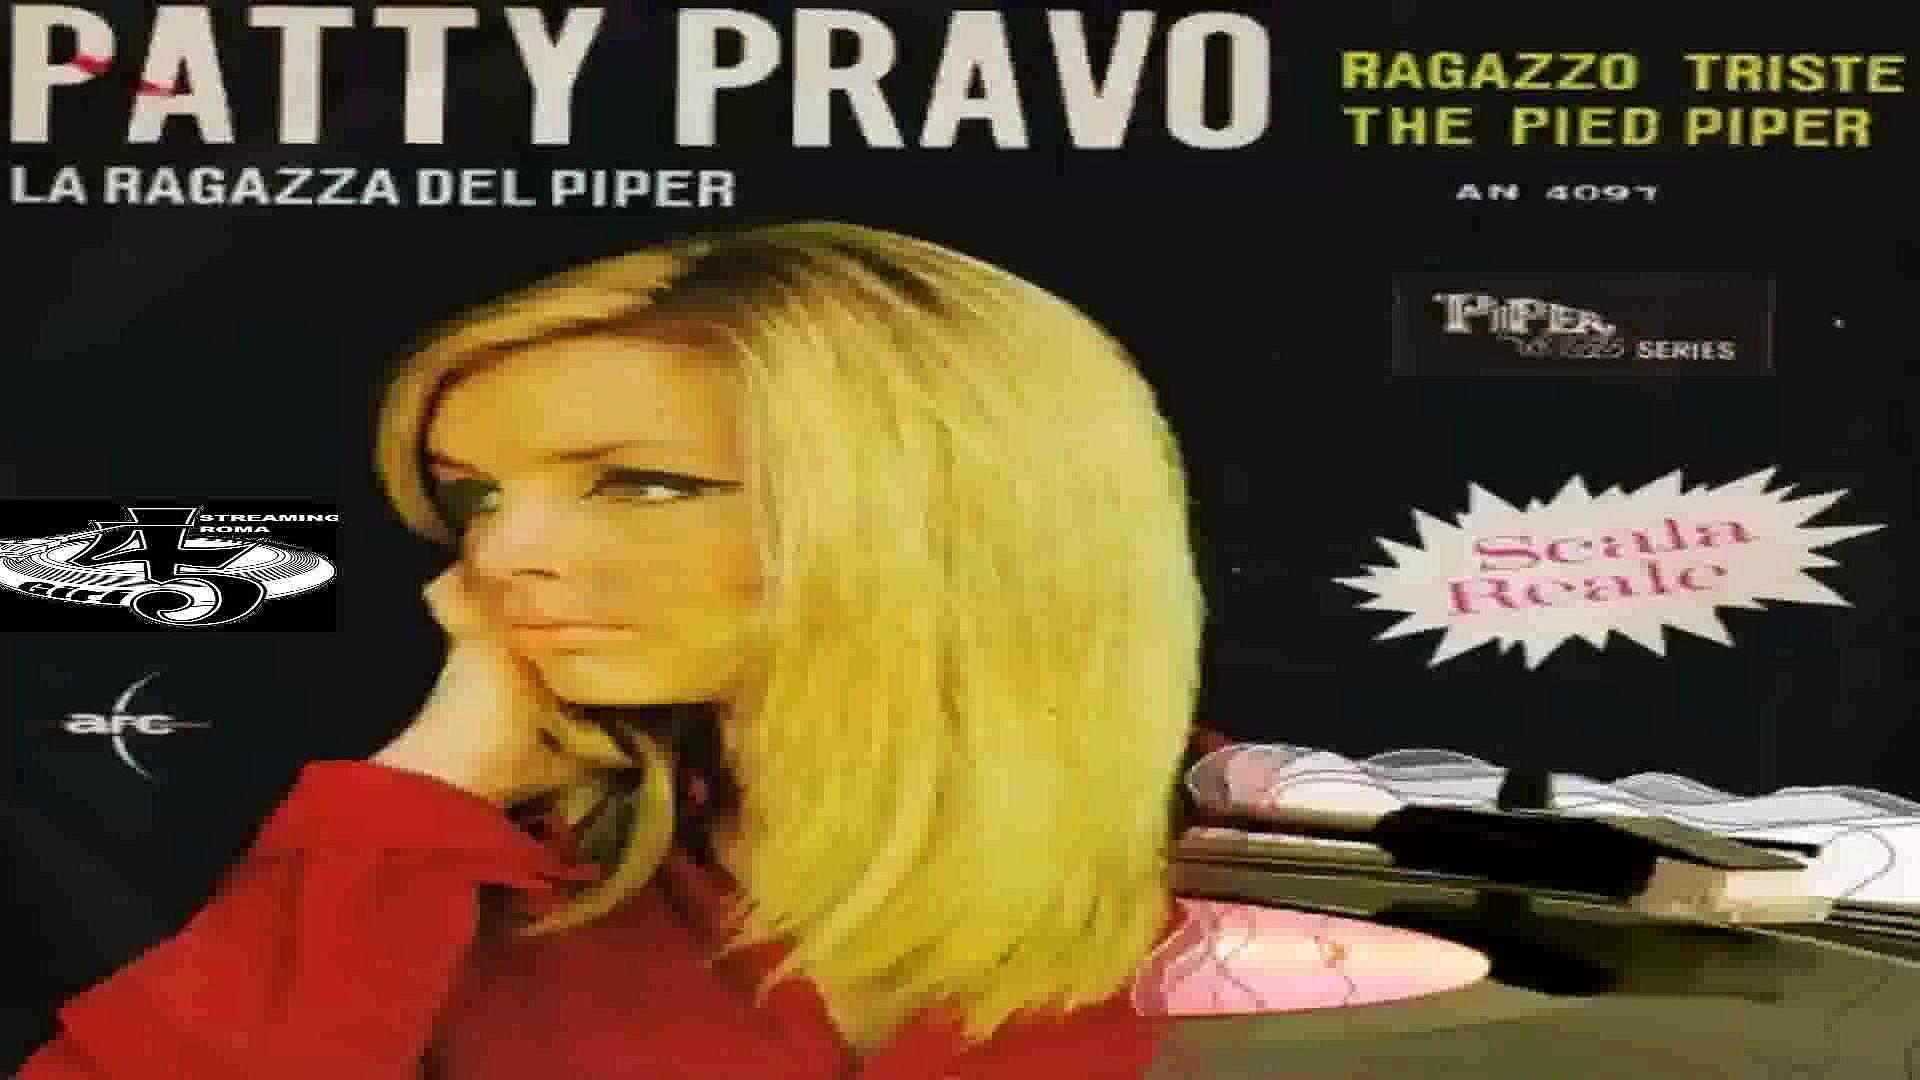 RAGAZZO TRISTE/THE PIED PIPER Patty Pravo 1966 (Facciate:2 ...